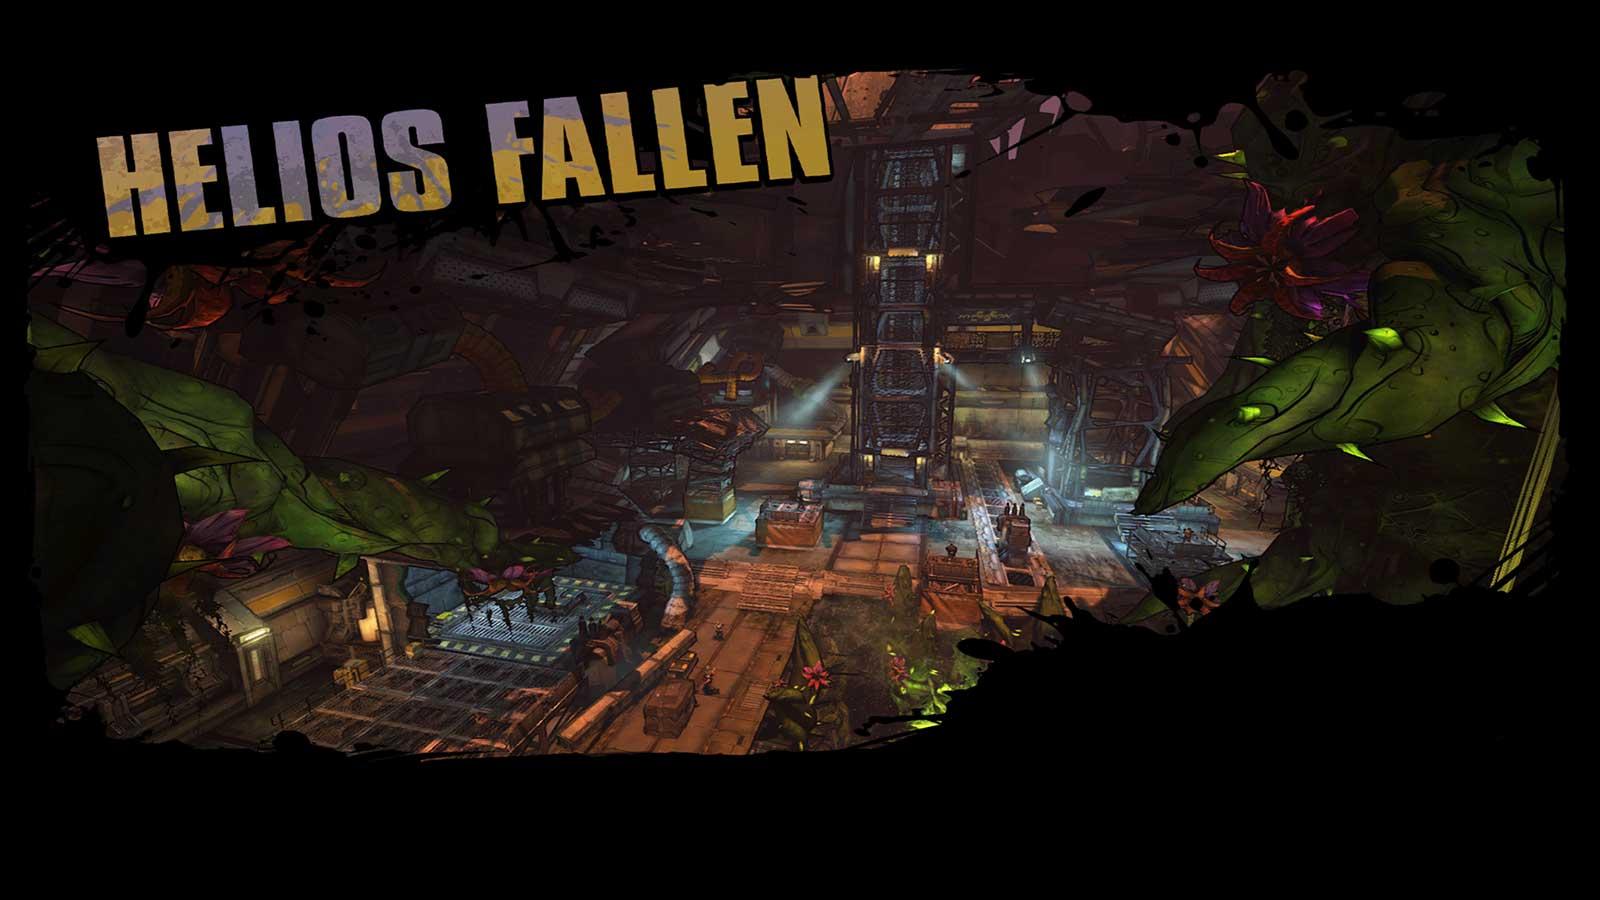 Helios Fallen